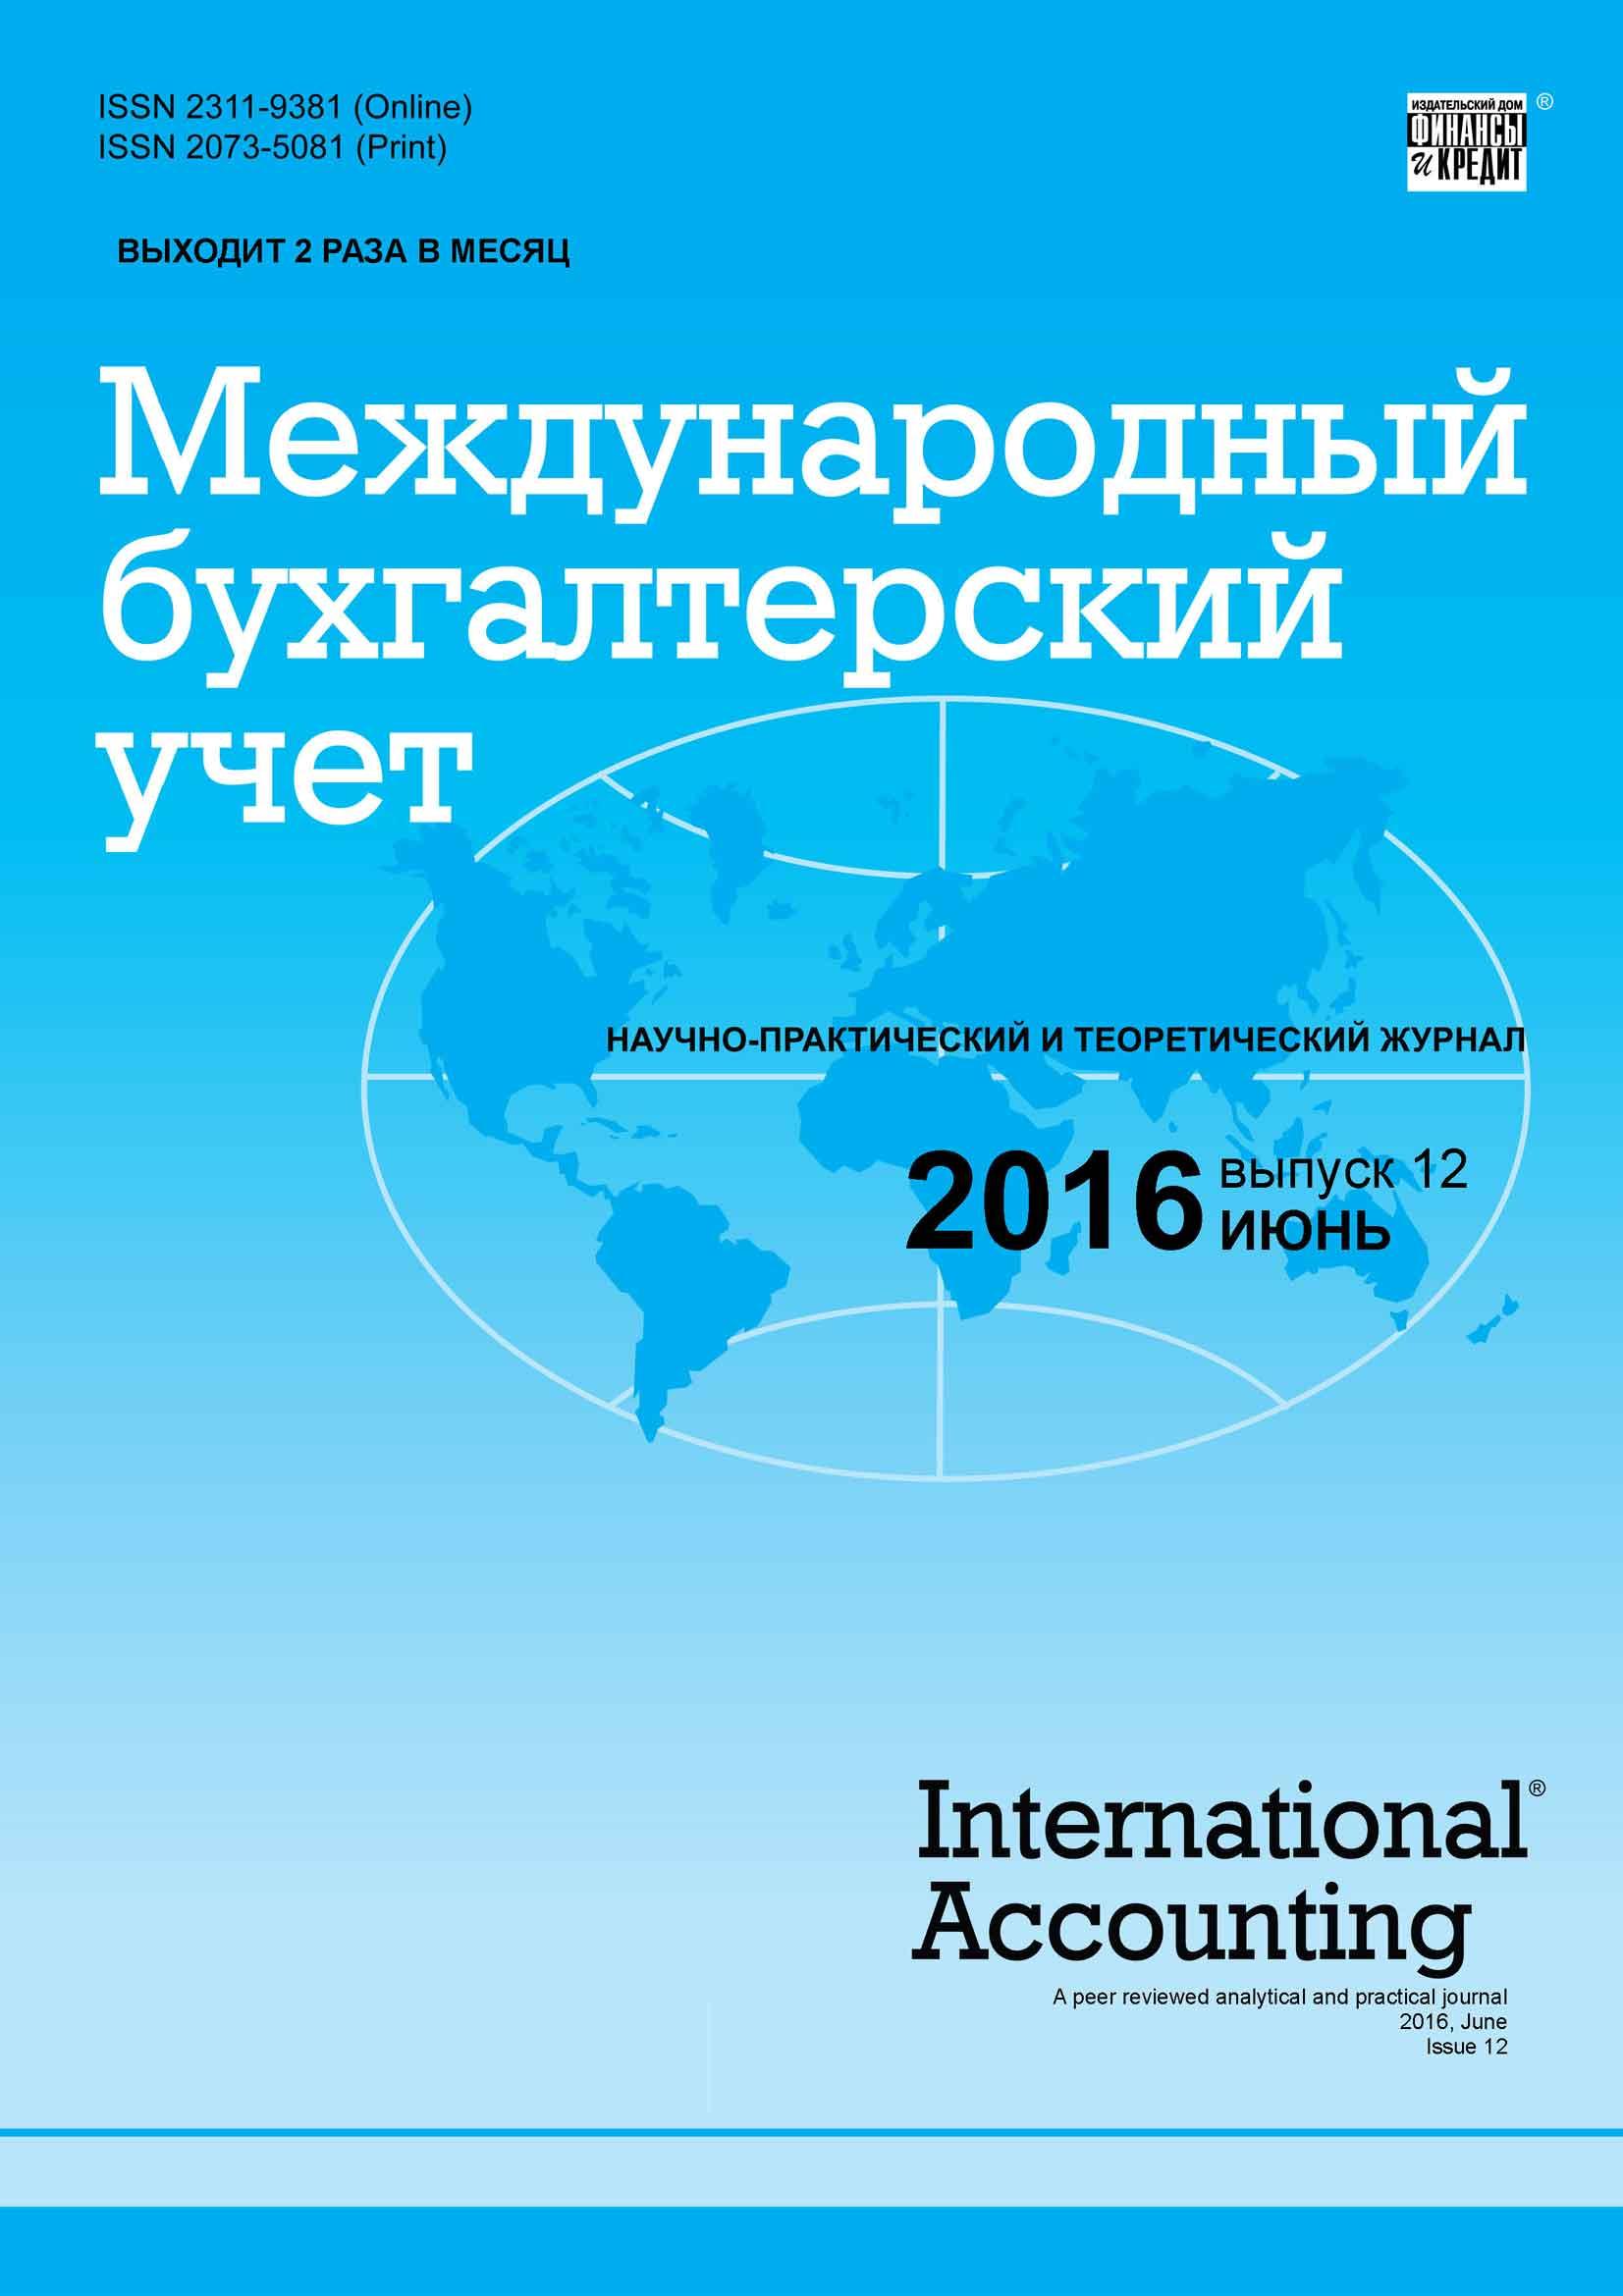 Отсутствует Международный бухгалтерский учет № 12 (402) 2016 алан гринспен 0 эпоха потрясений проблемы и перспективы мировой финансовой системы эко кожа